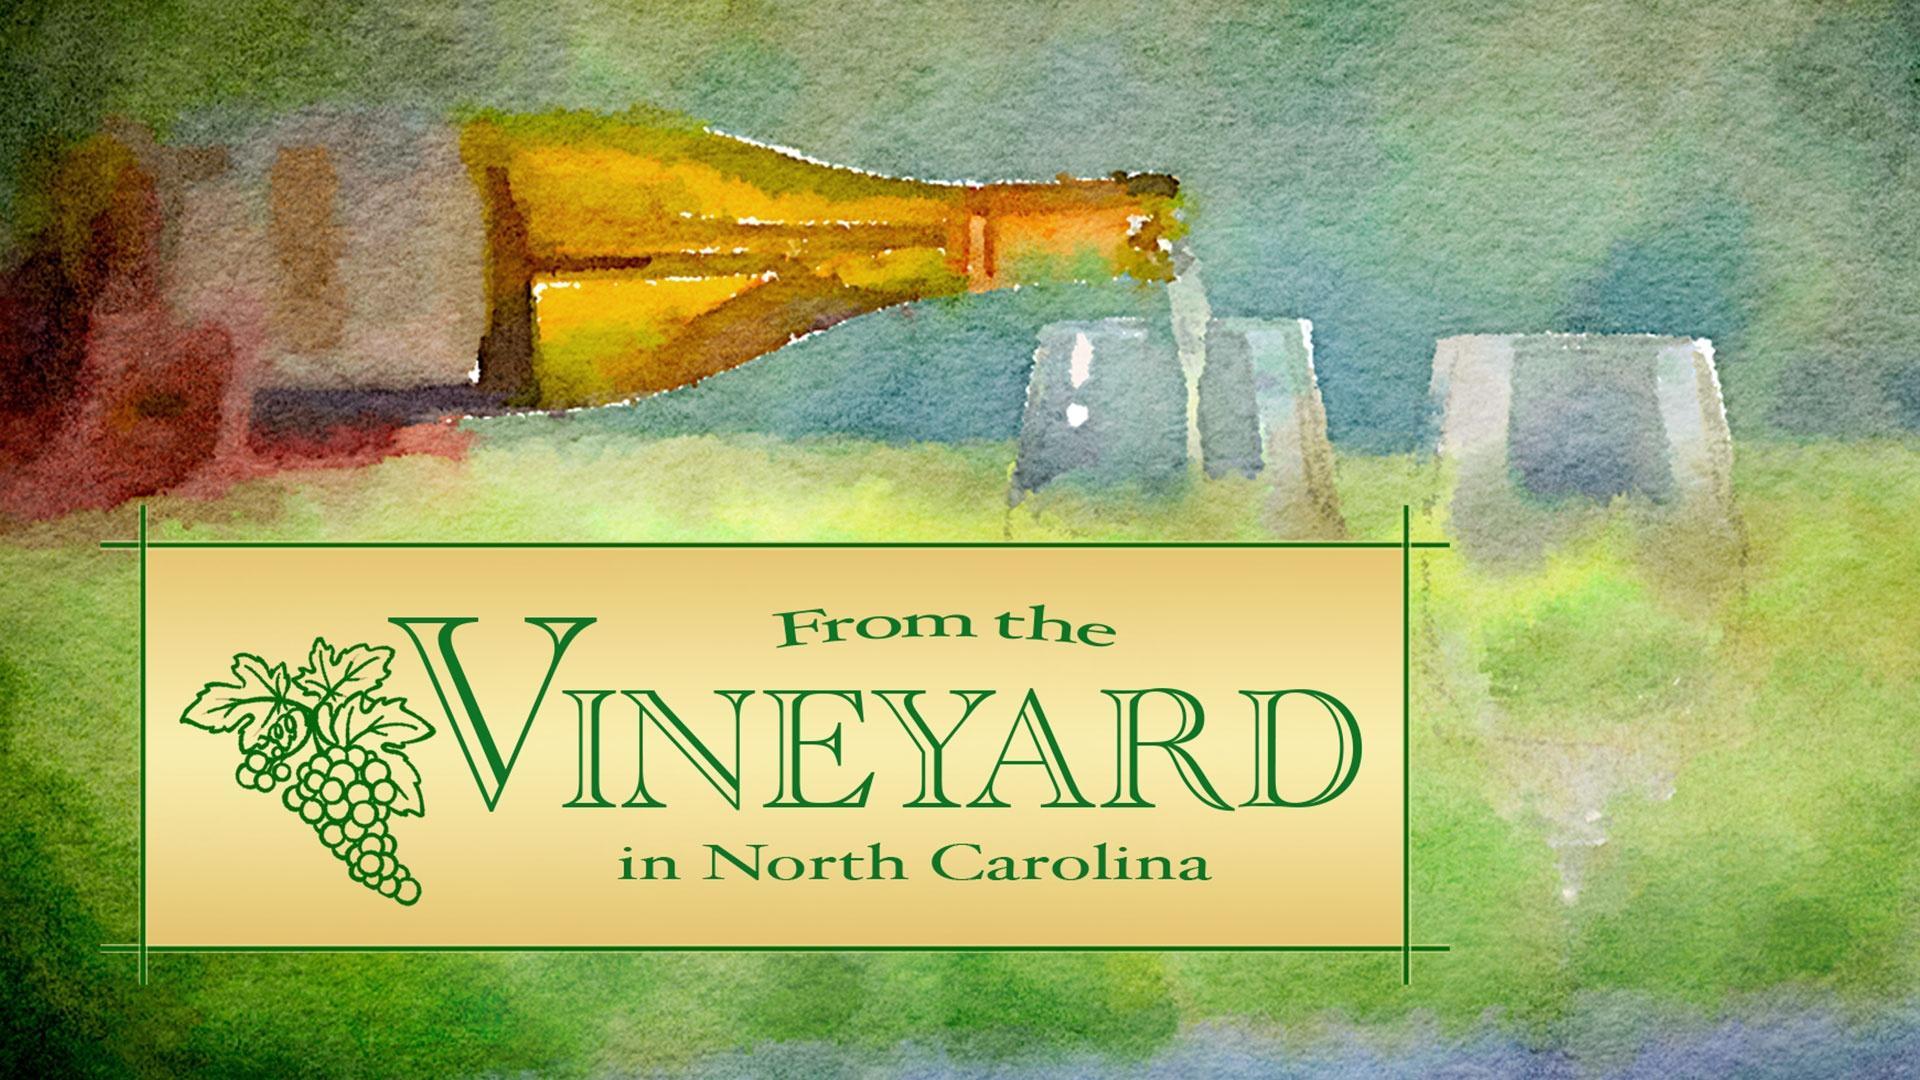 Fom the Vineyard logo